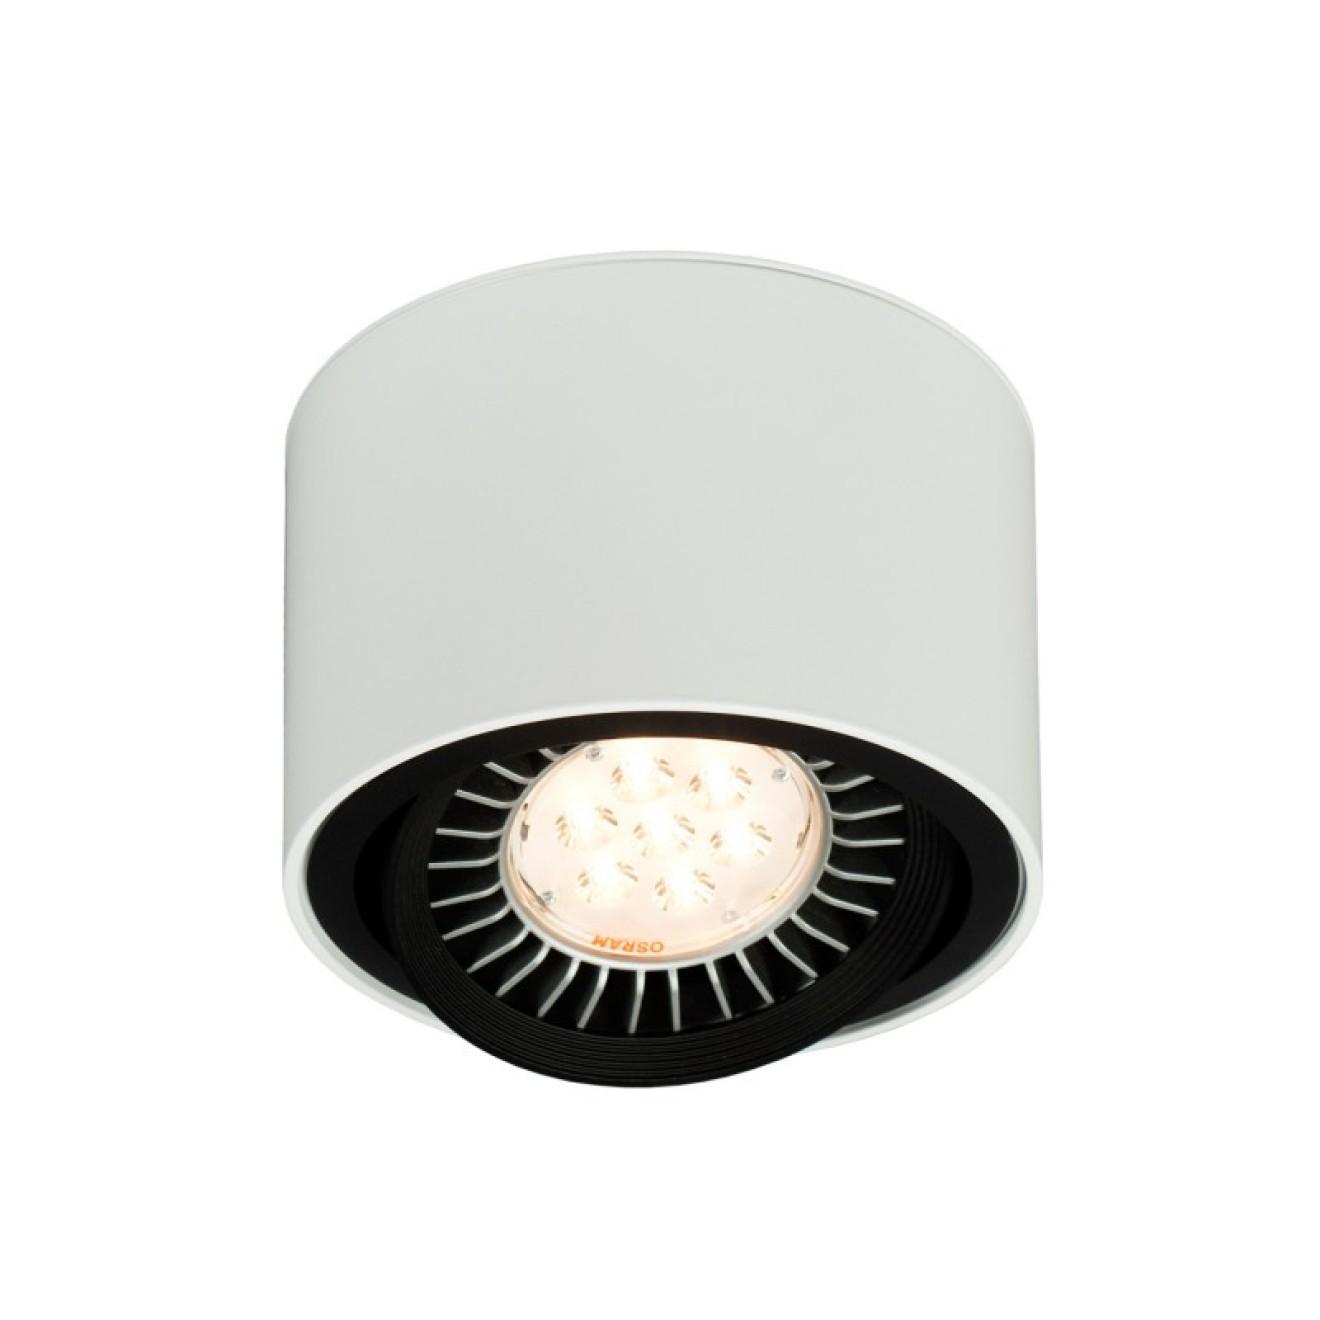 aufbaustrahler 111er rund led mawa design bei home light. Black Bedroom Furniture Sets. Home Design Ideas